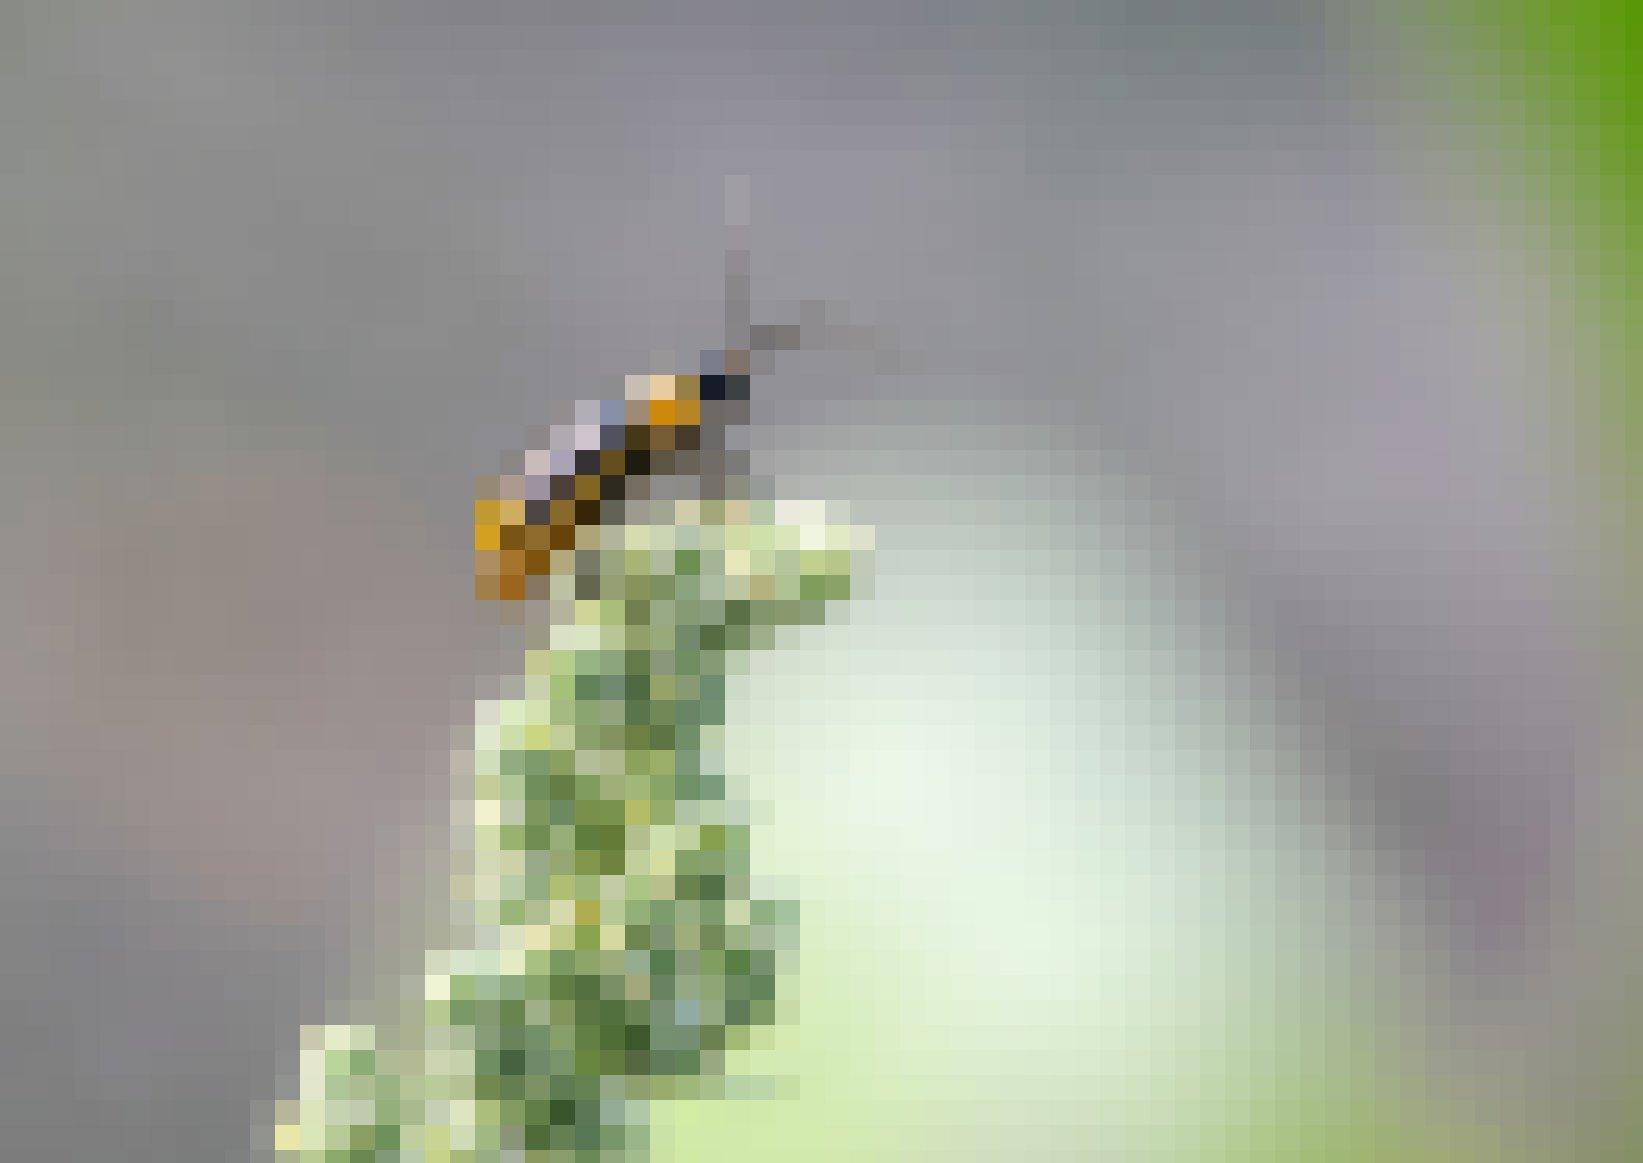 Ein länglicher gelber Käfer mit dunkelbraunem Kopf, langen Fühlern und dunkelbraunen Längsstreifen sitzt auf einer Maisblüte.